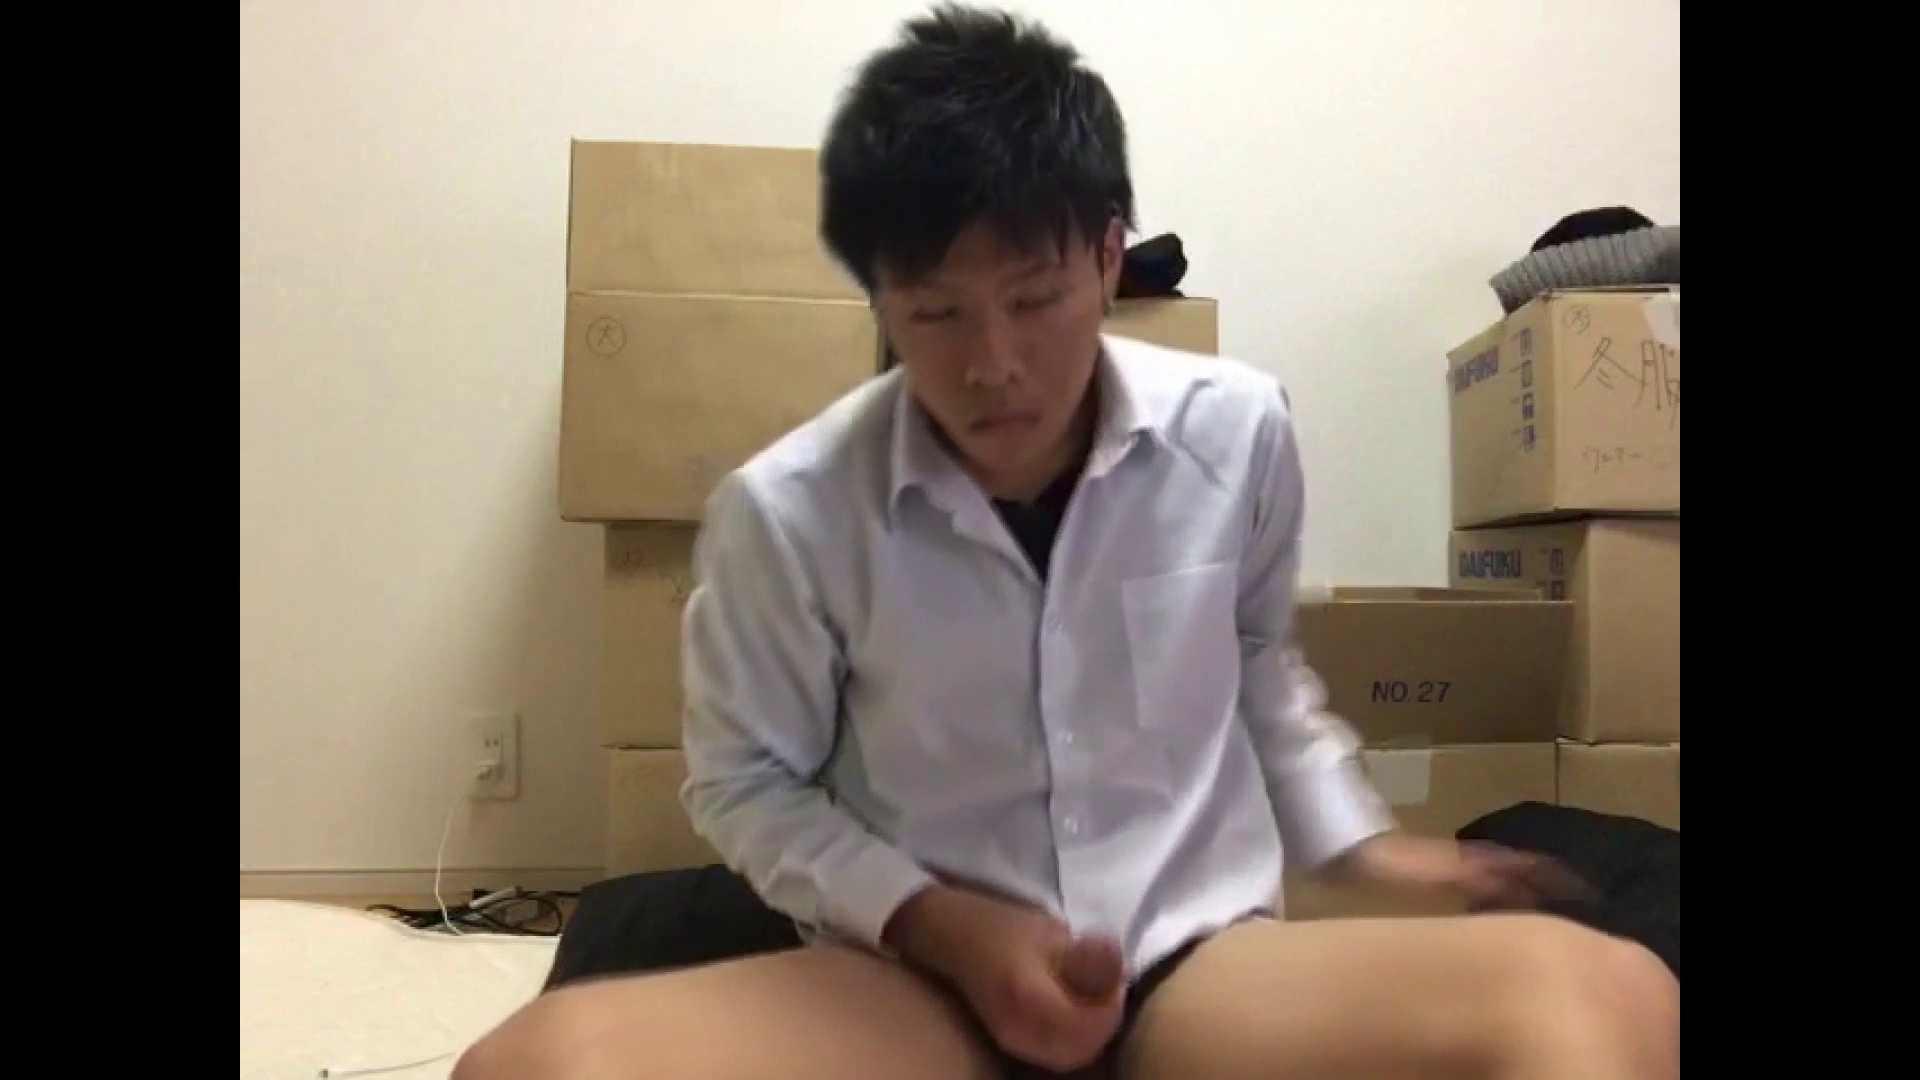 個人撮影 自慰の極意 Vol.1 イケメンたち ゲイ無修正ビデオ画像 82pic 28